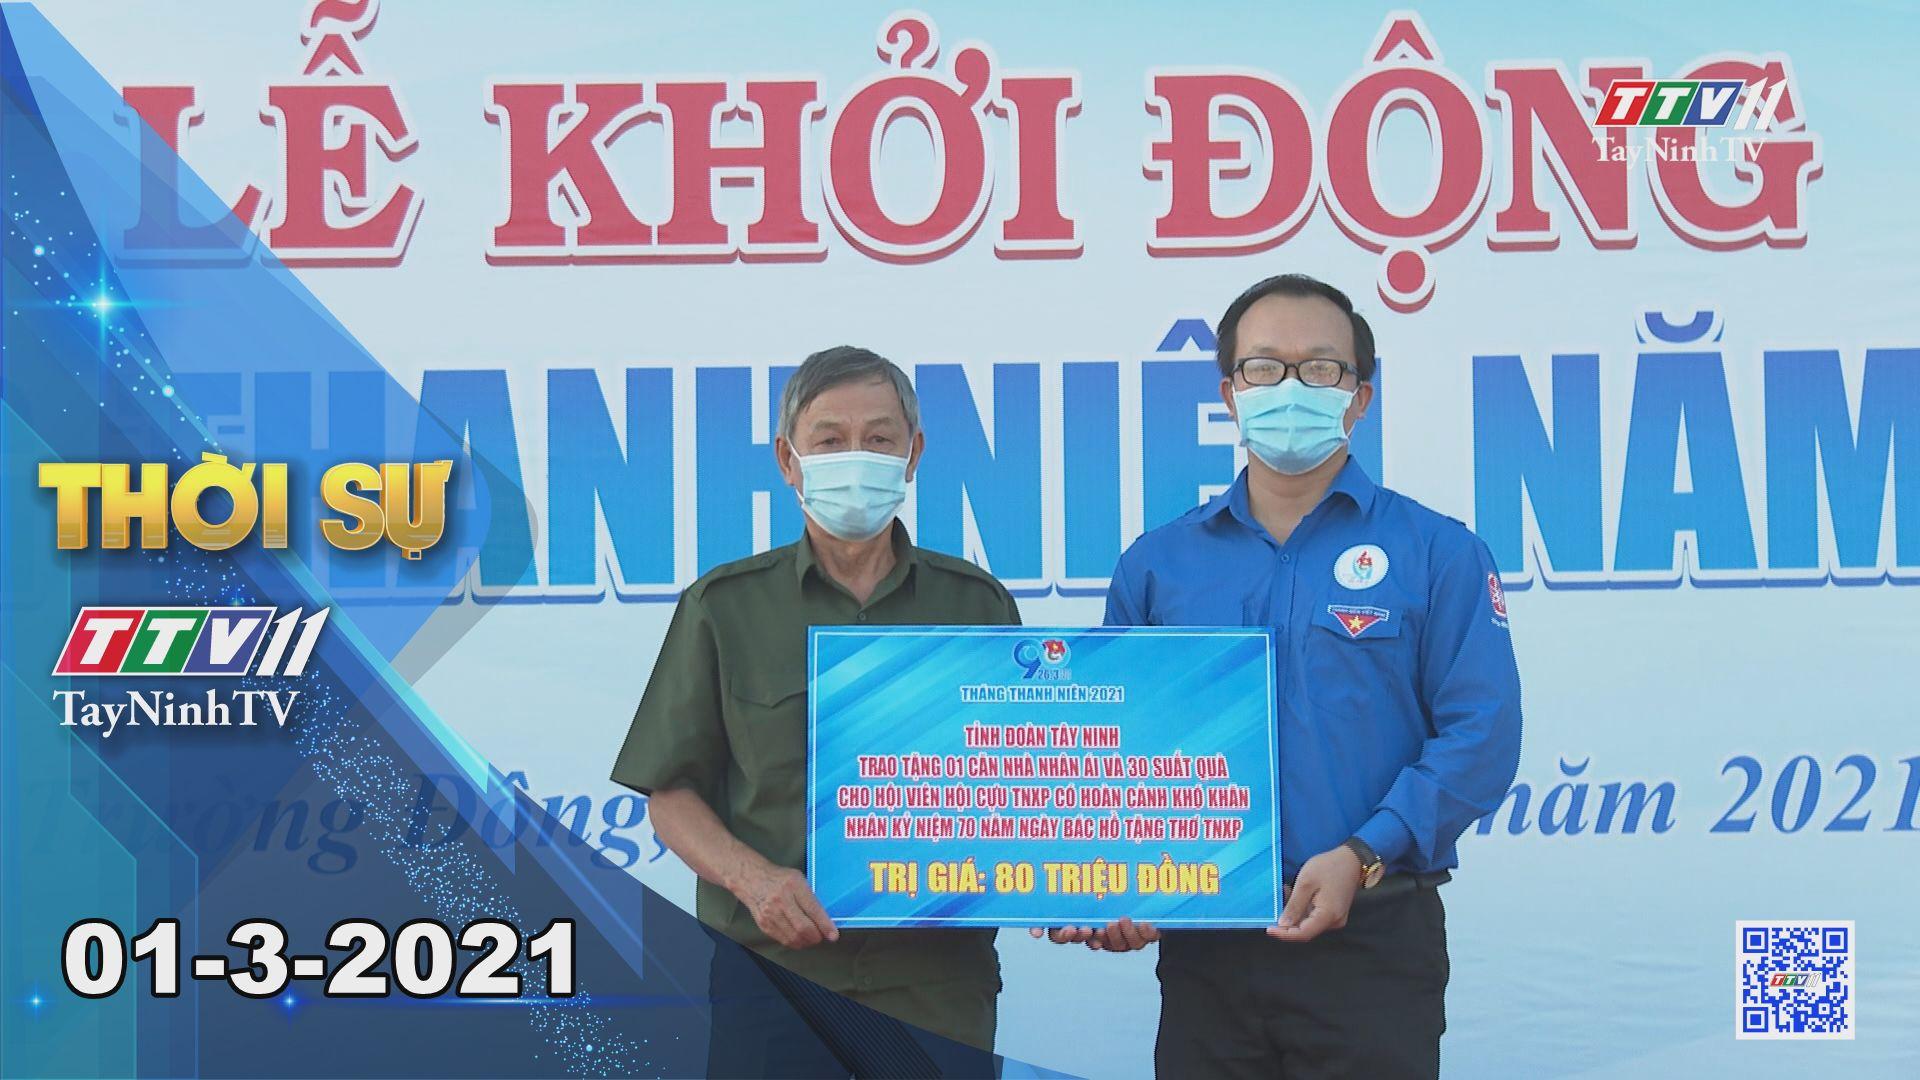 Thời sự Tây Ninh 01-3-2021 | Tin tức hôm nay | TayNinhTV